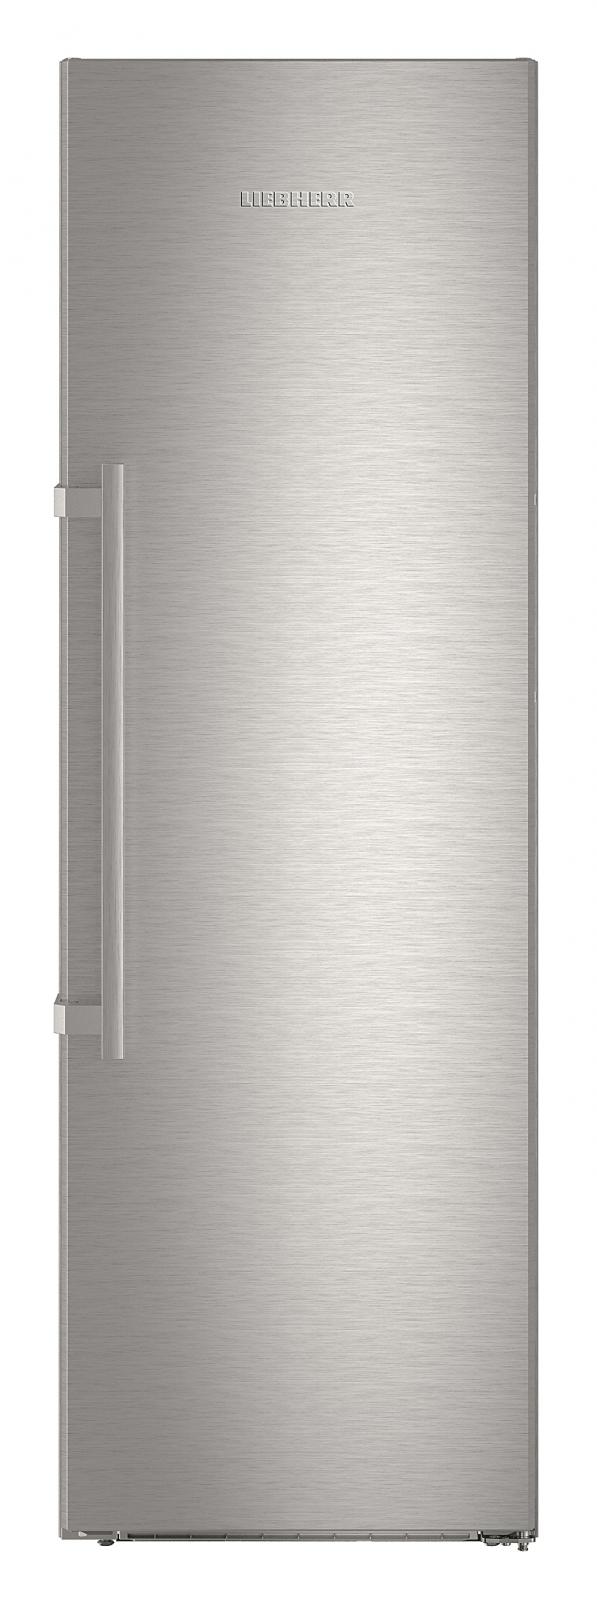 купить Однокамерный холодильник Liebherr KBes 4350 Украина фото 4